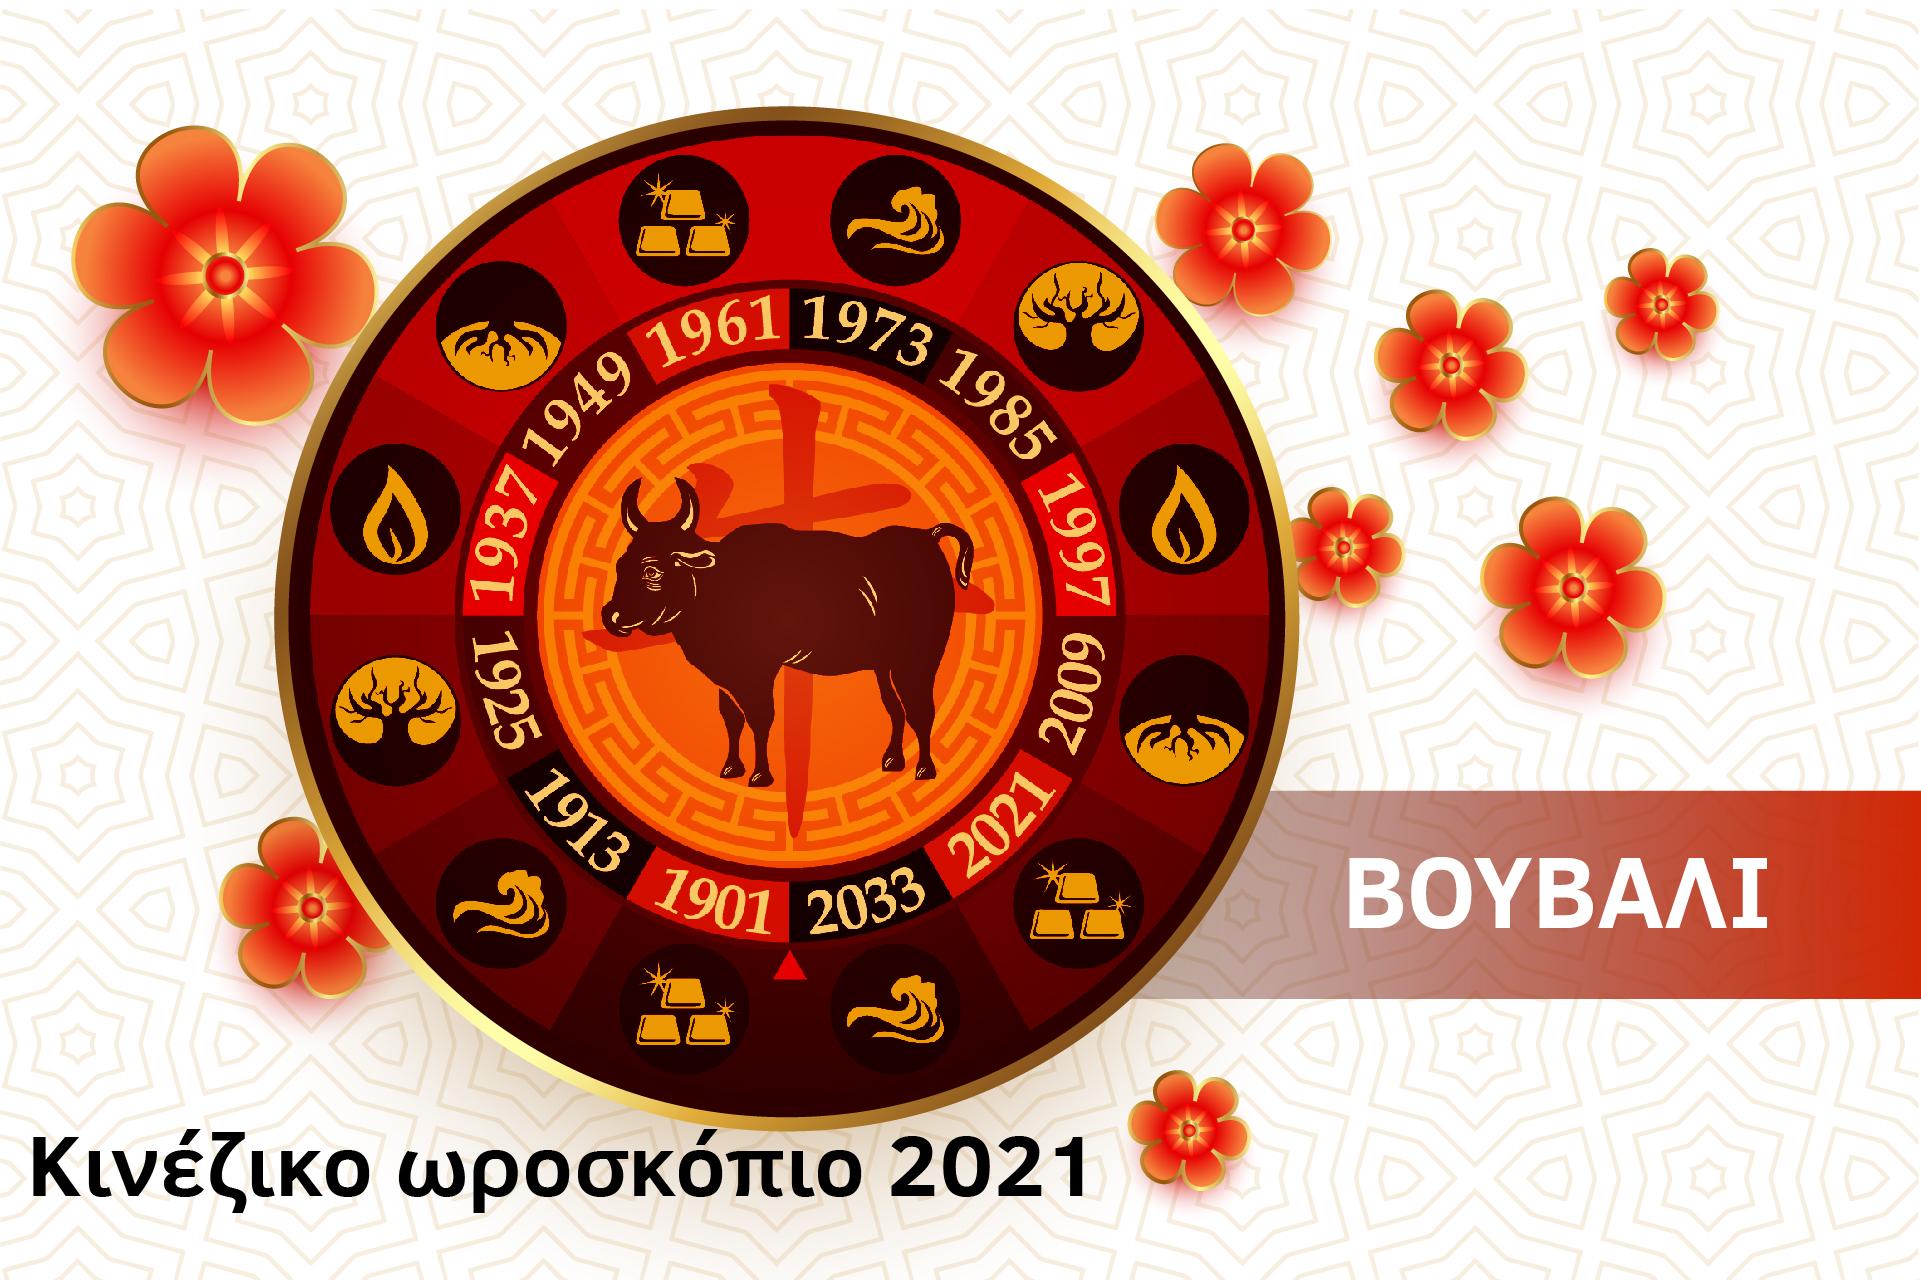 Βουβάλι 2021 – Κινέζικο Ωροσκόπιο